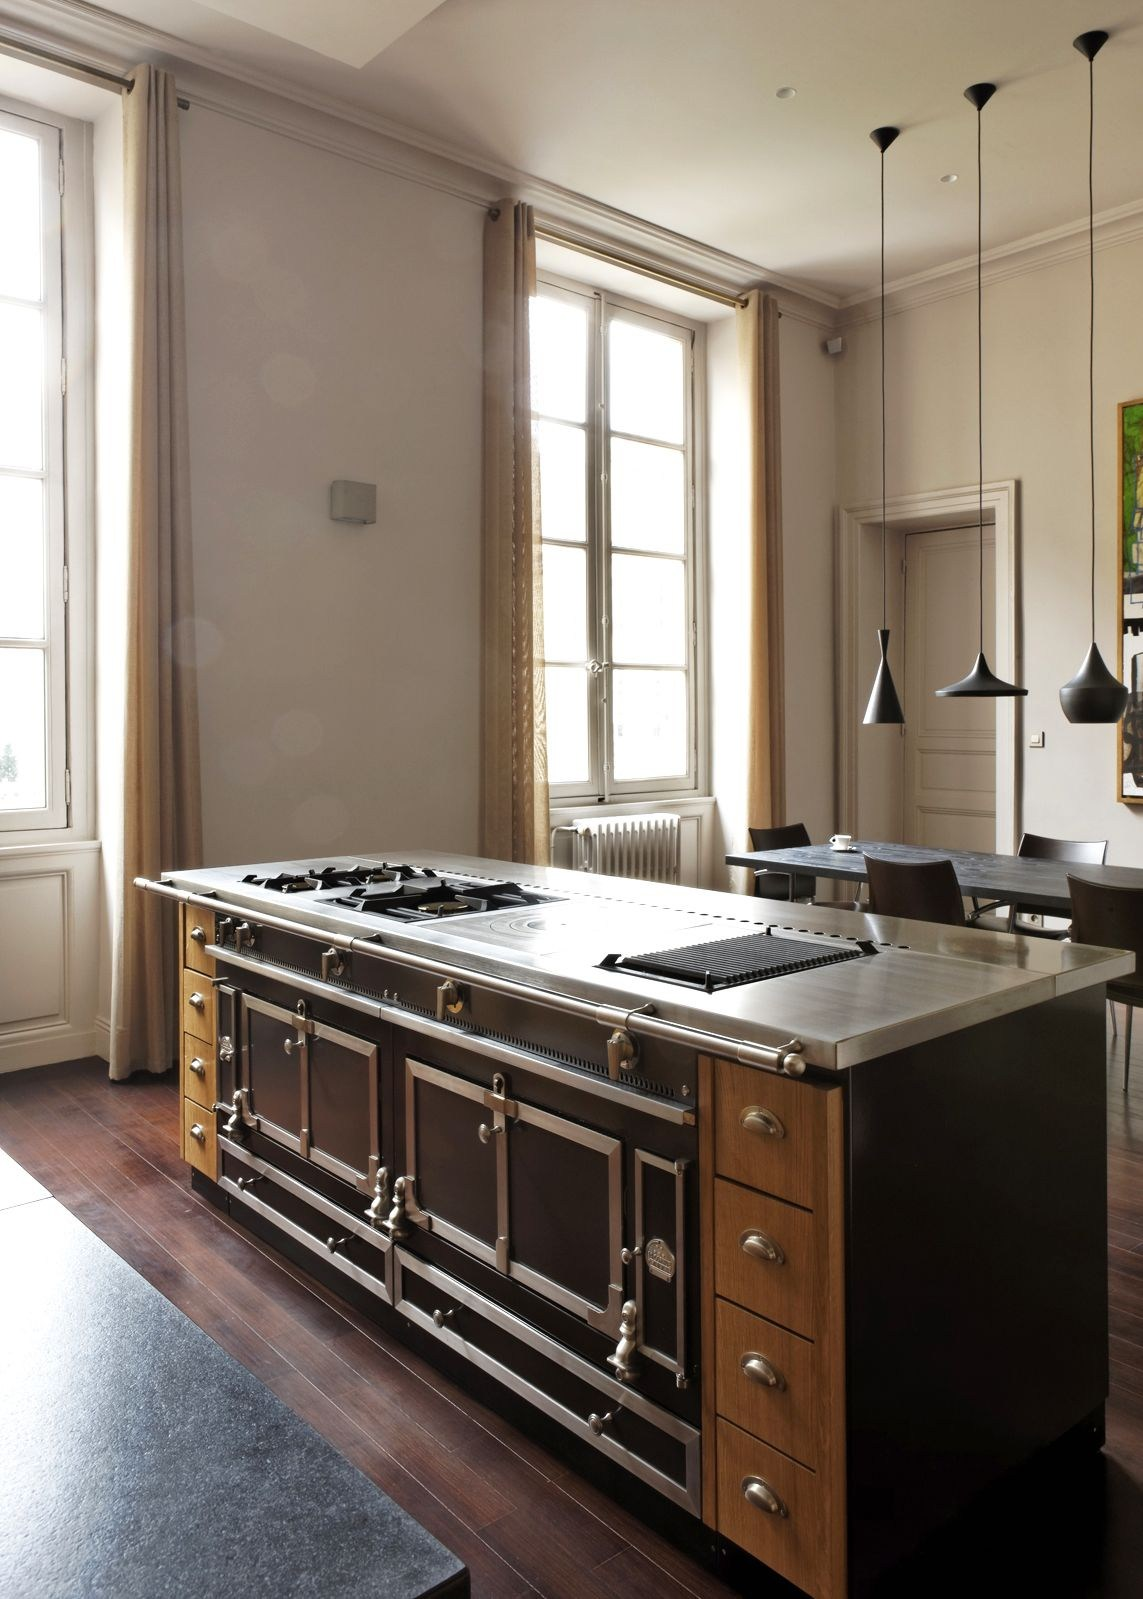 cucina a libera installazione professionale in acciaio islands la cornue la cornue. Black Bedroom Furniture Sets. Home Design Ideas